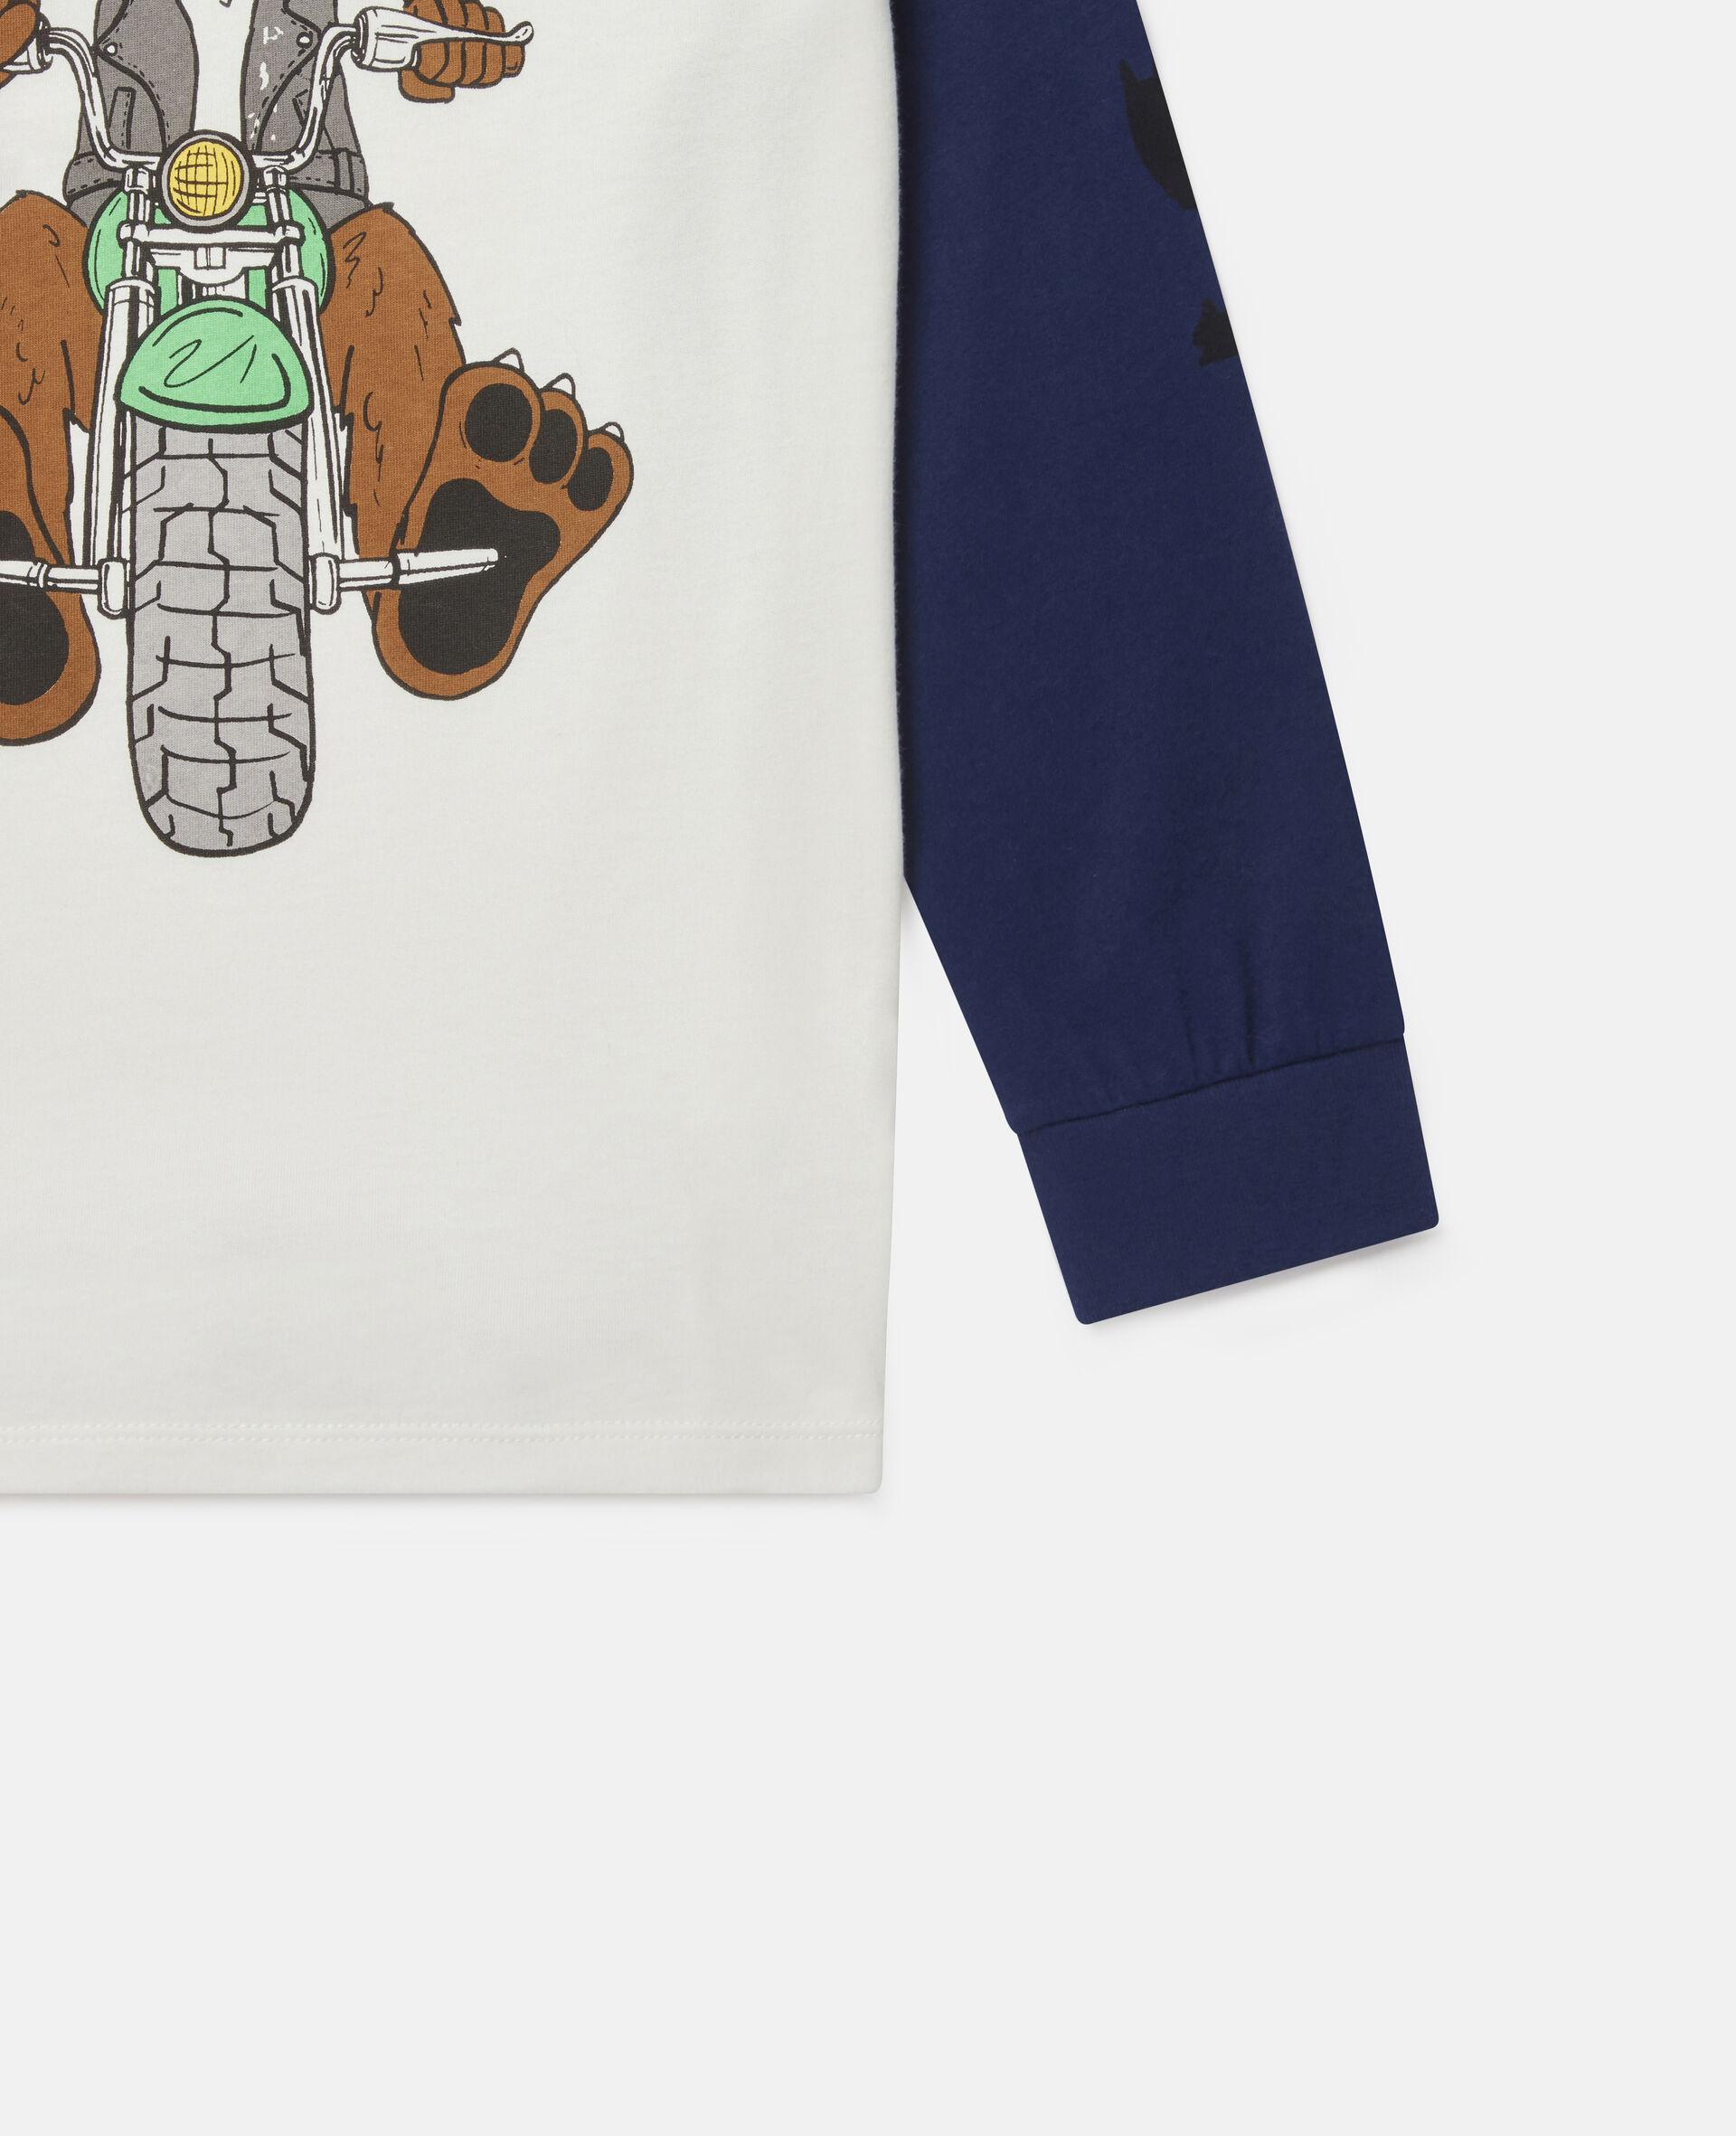 Haut oversize en coton imprimé chien motard-Fantaisie-large image number 2